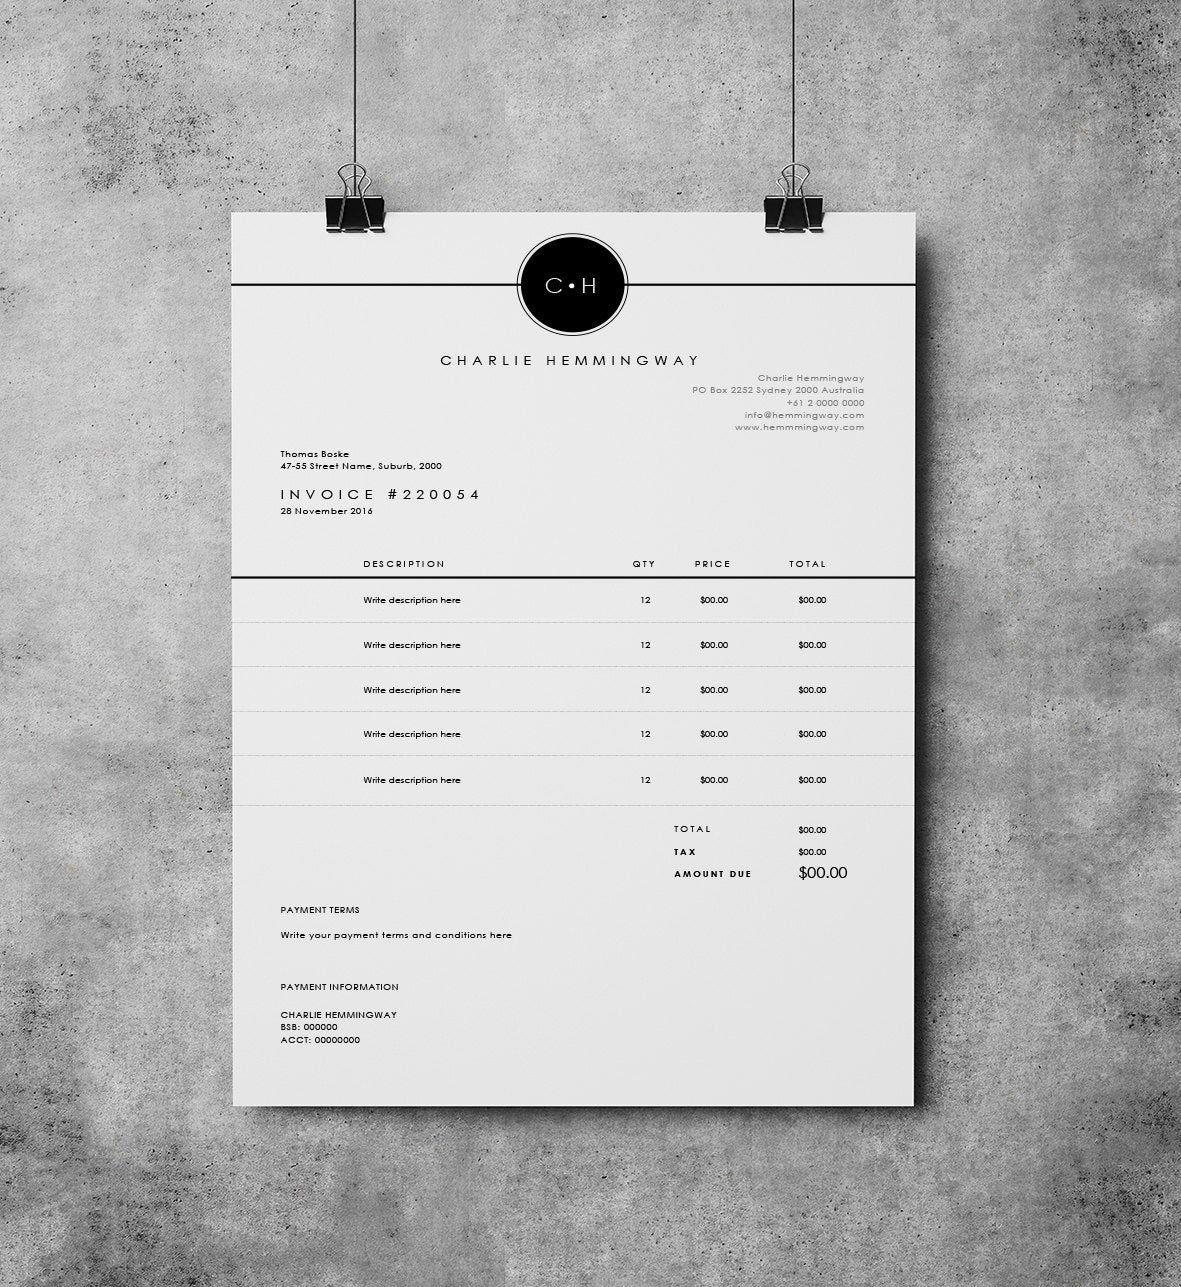 Invoice Template Invoice Design Receipt Ms Word Invoice Template Photoshop Invoice Template Printable Invoice Rechnung Vorlage Briefvorlagen Rechnungsvorlage